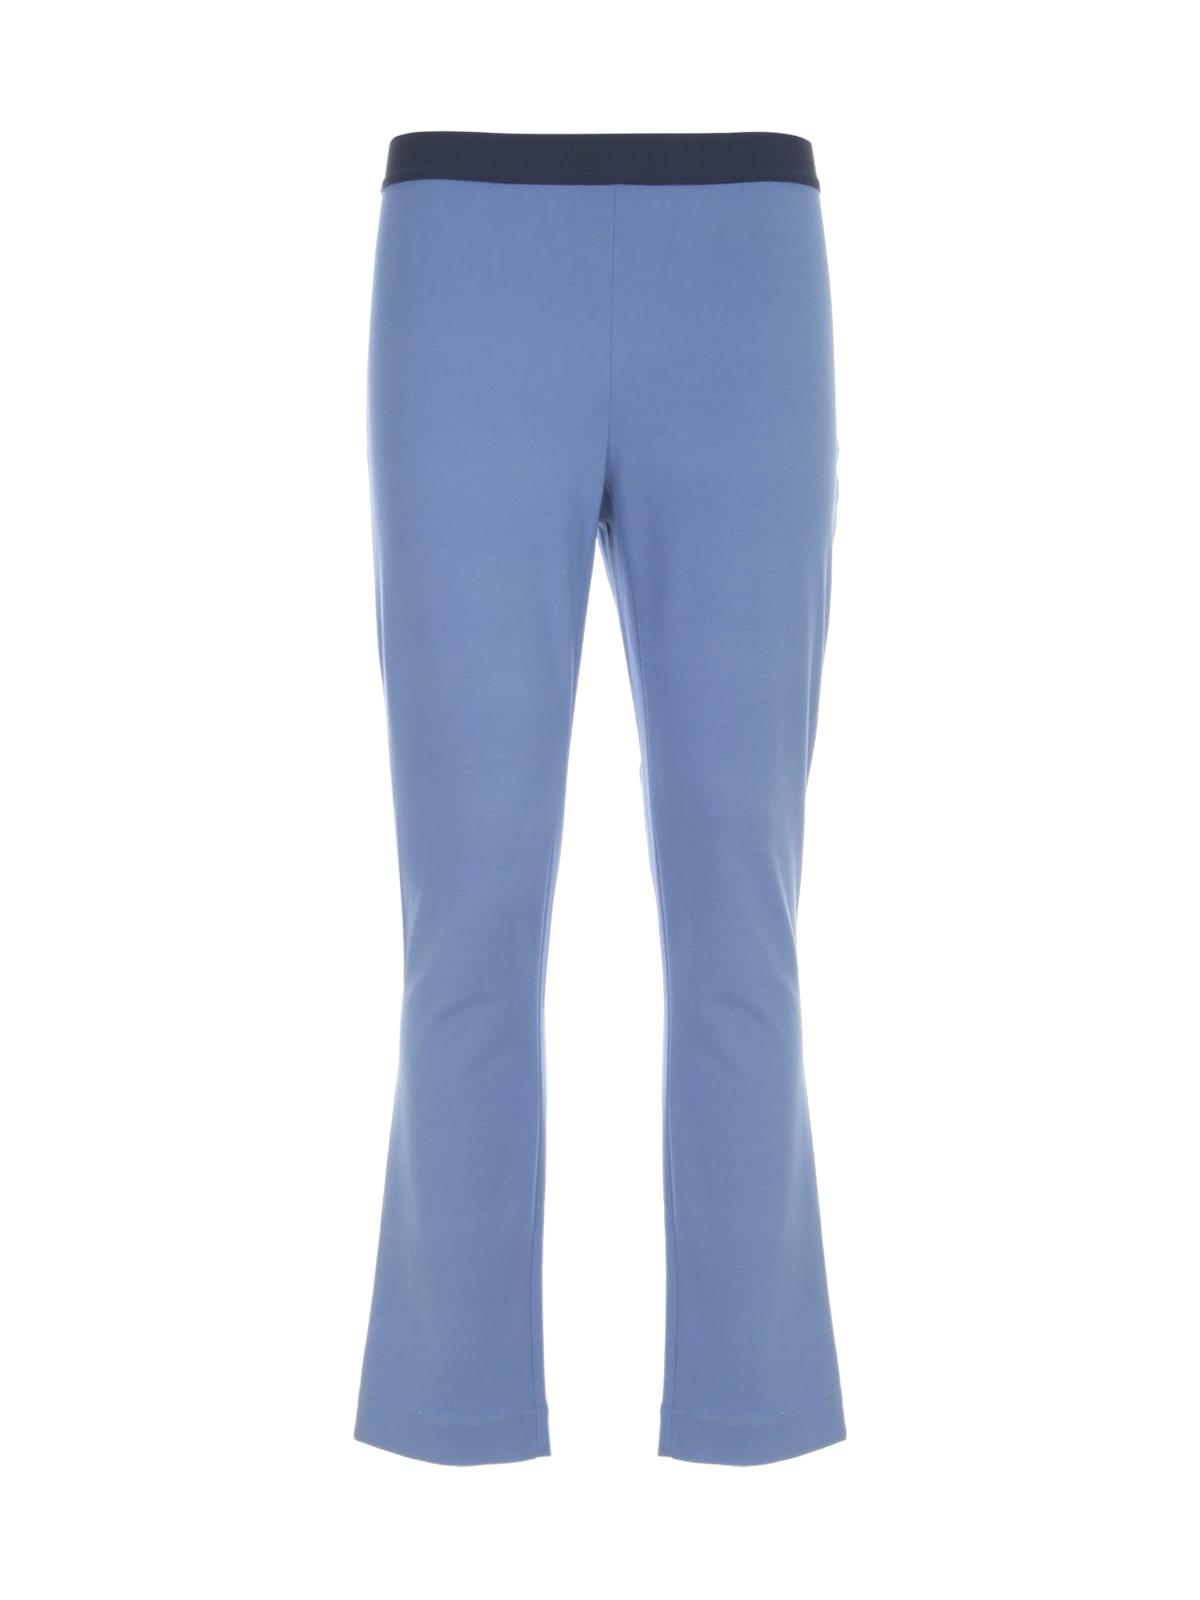 Pants Leggings Elastic